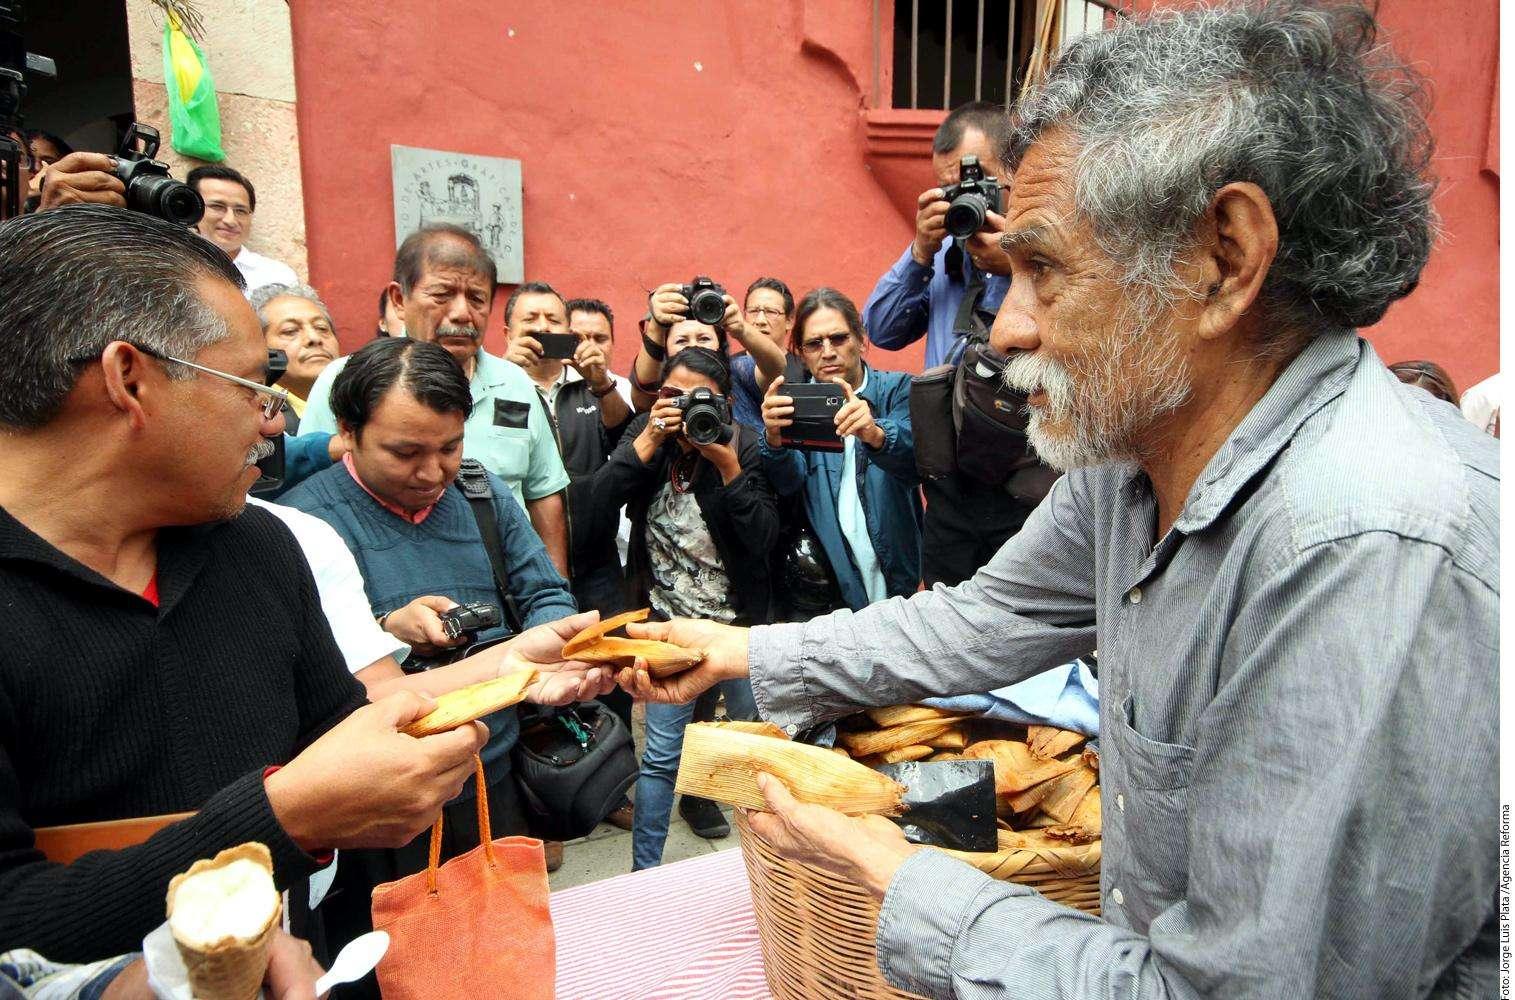 Pintor Francisco Toledo Foto: Agencia Reforma